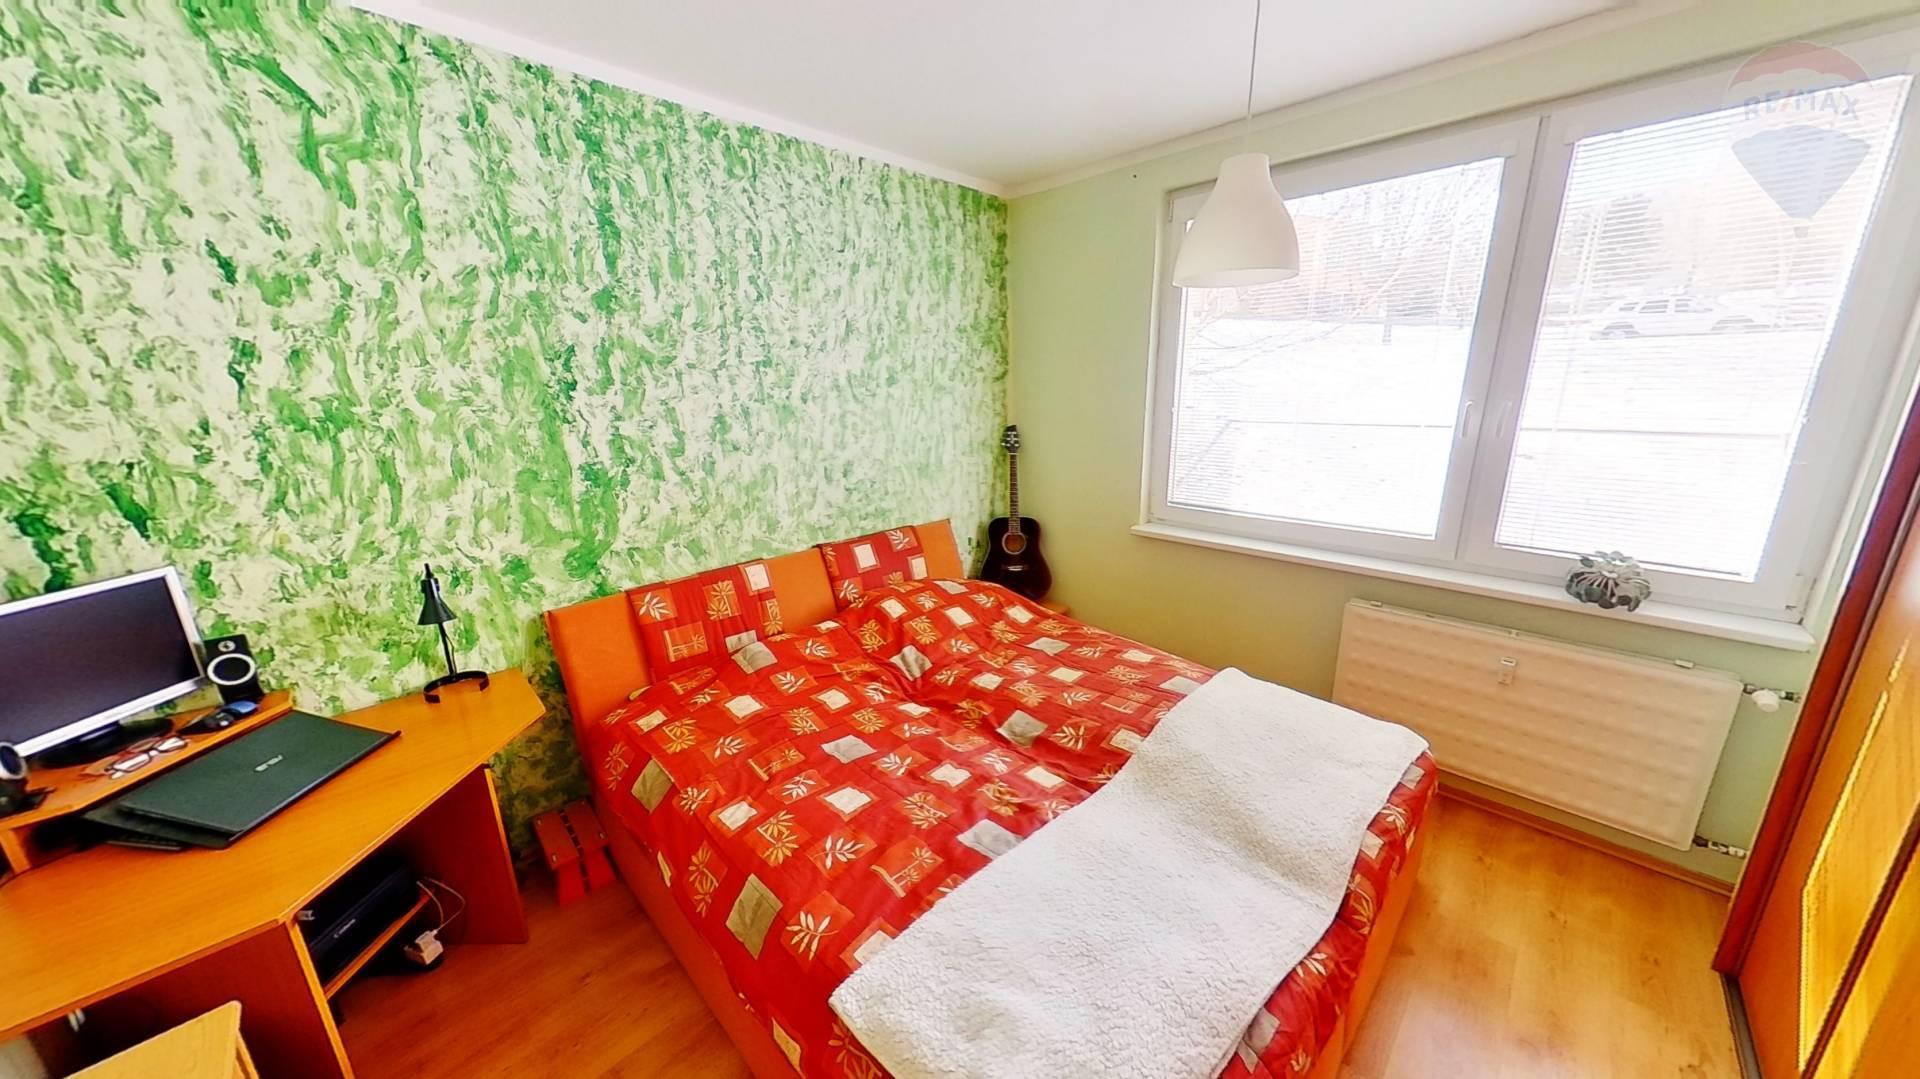 Predaj bytu (4 izbový) 83 m2, Nitra -